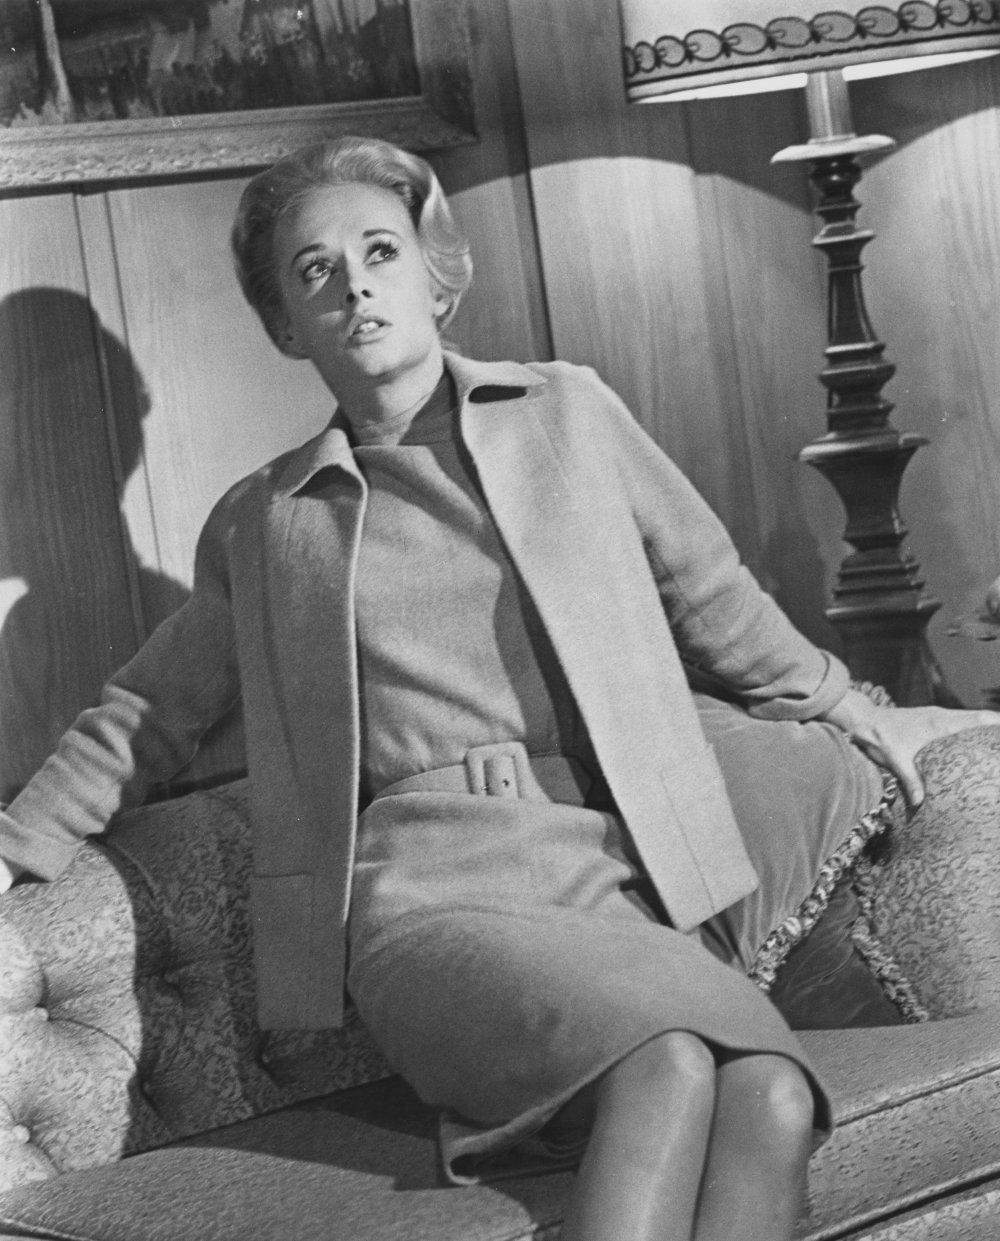 Tippi Hedren in The Birds (1963)